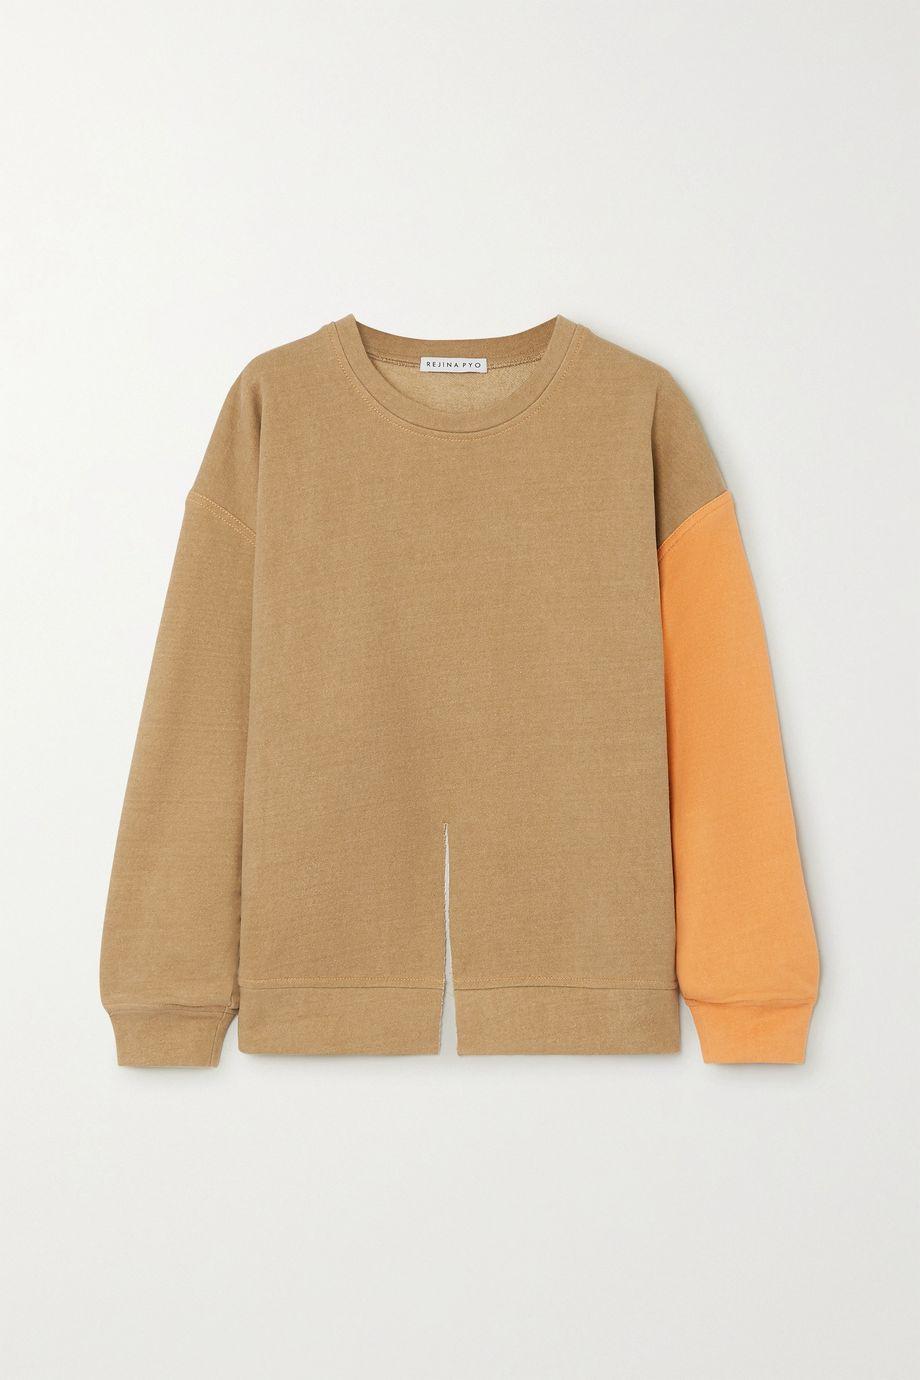 REJINA PYO Charlie zweifarbiges Sweatshirt aus Baumwoll-Jersey